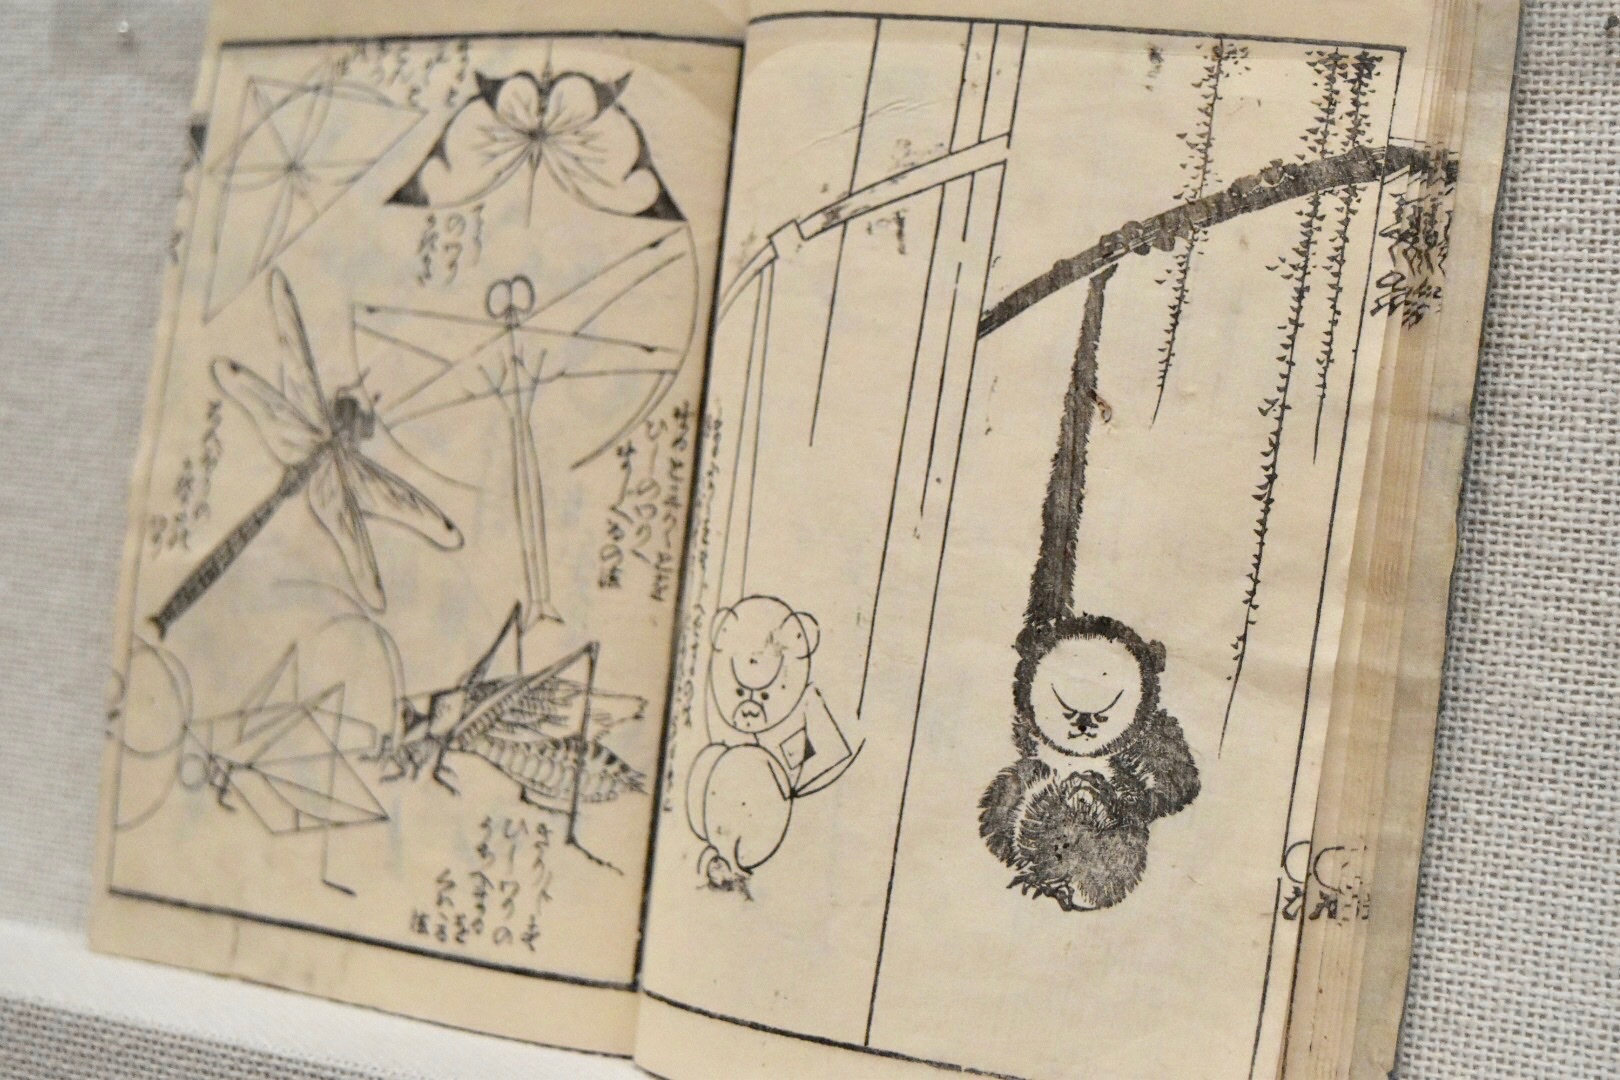 葛飾北斎 『略画早指南』初編 文化9年(1812)すみだ北斎美術館所蔵